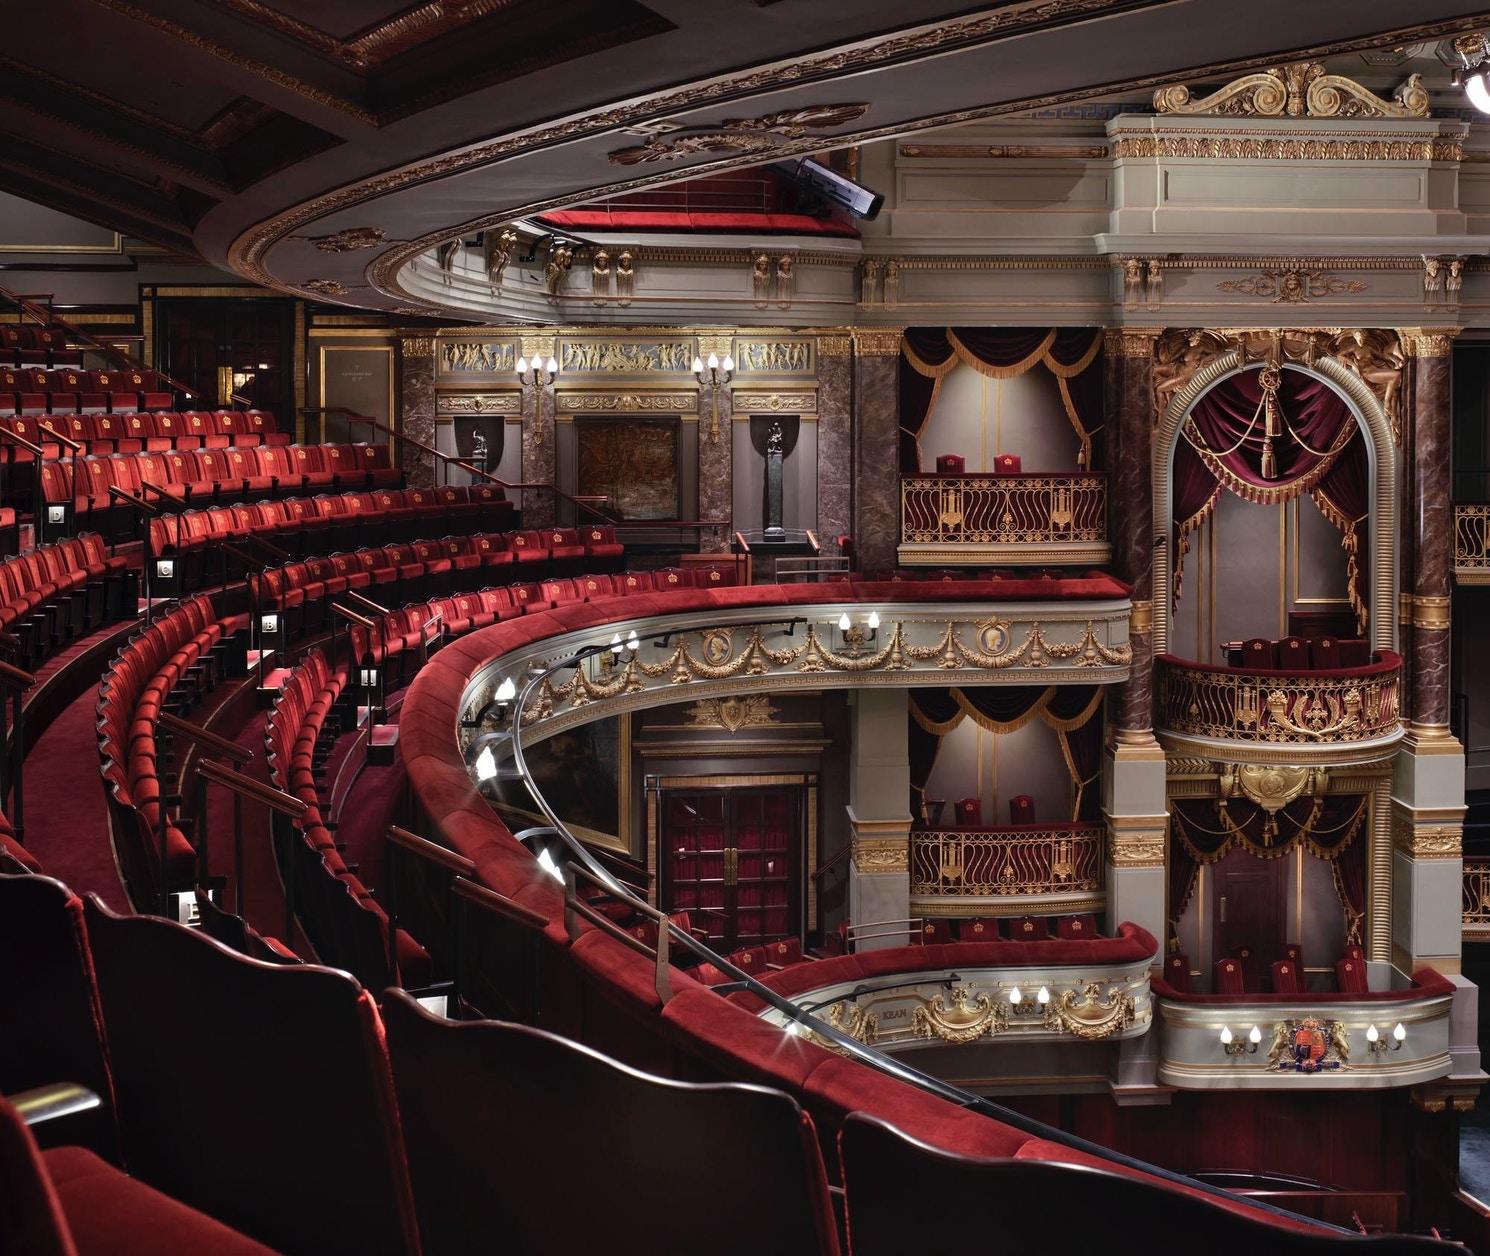 Es el famoso Theatre Royal Drury Lane